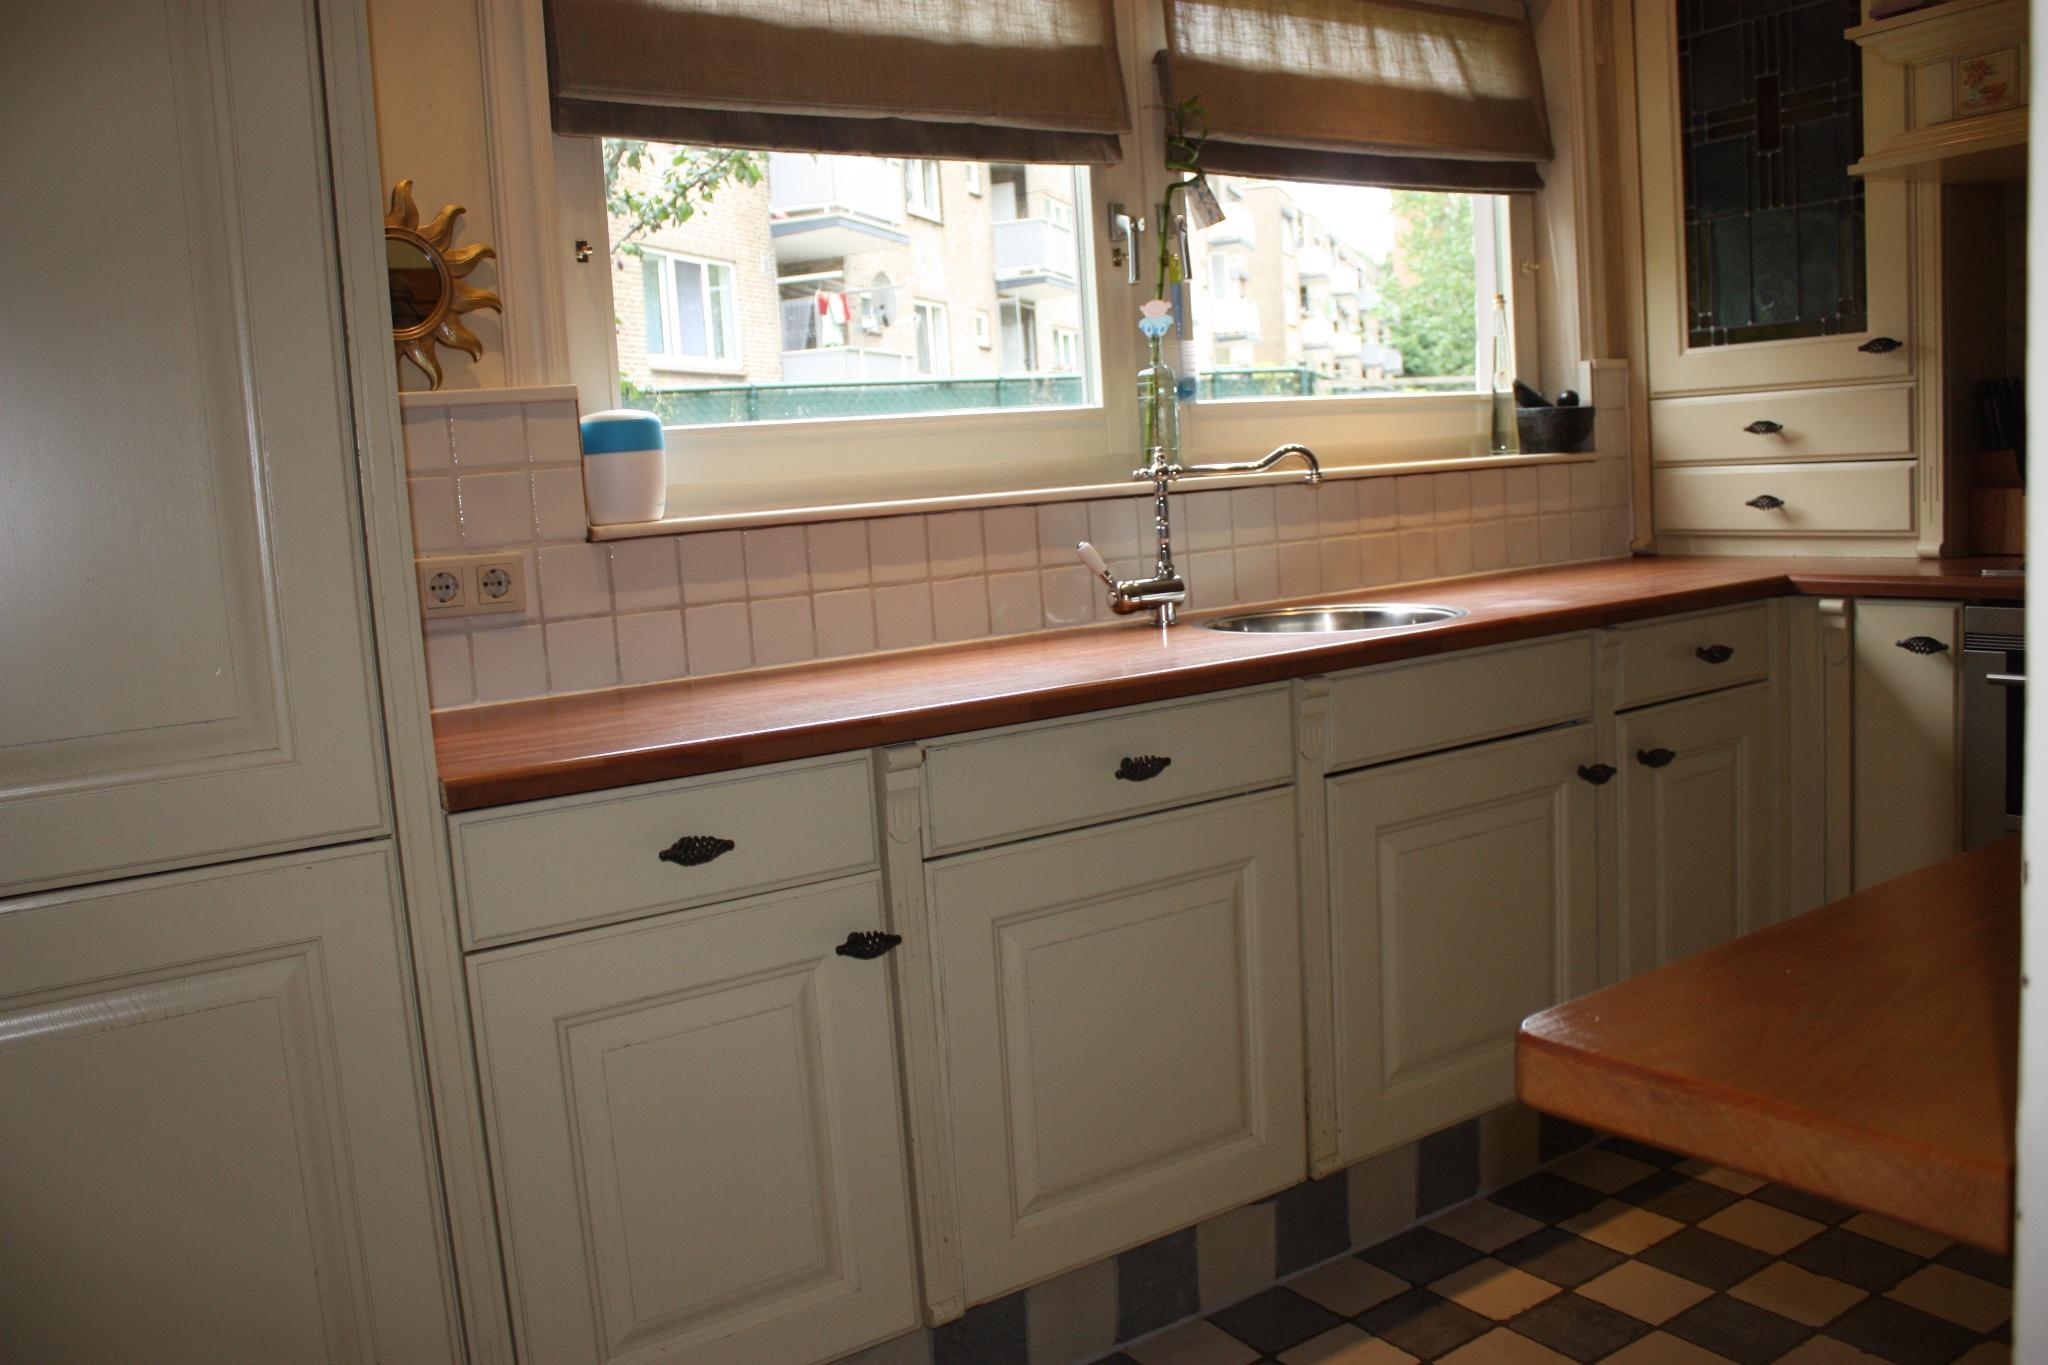 2e Hands Keuken : E hands keuken op maat maken plaatsen werkspot